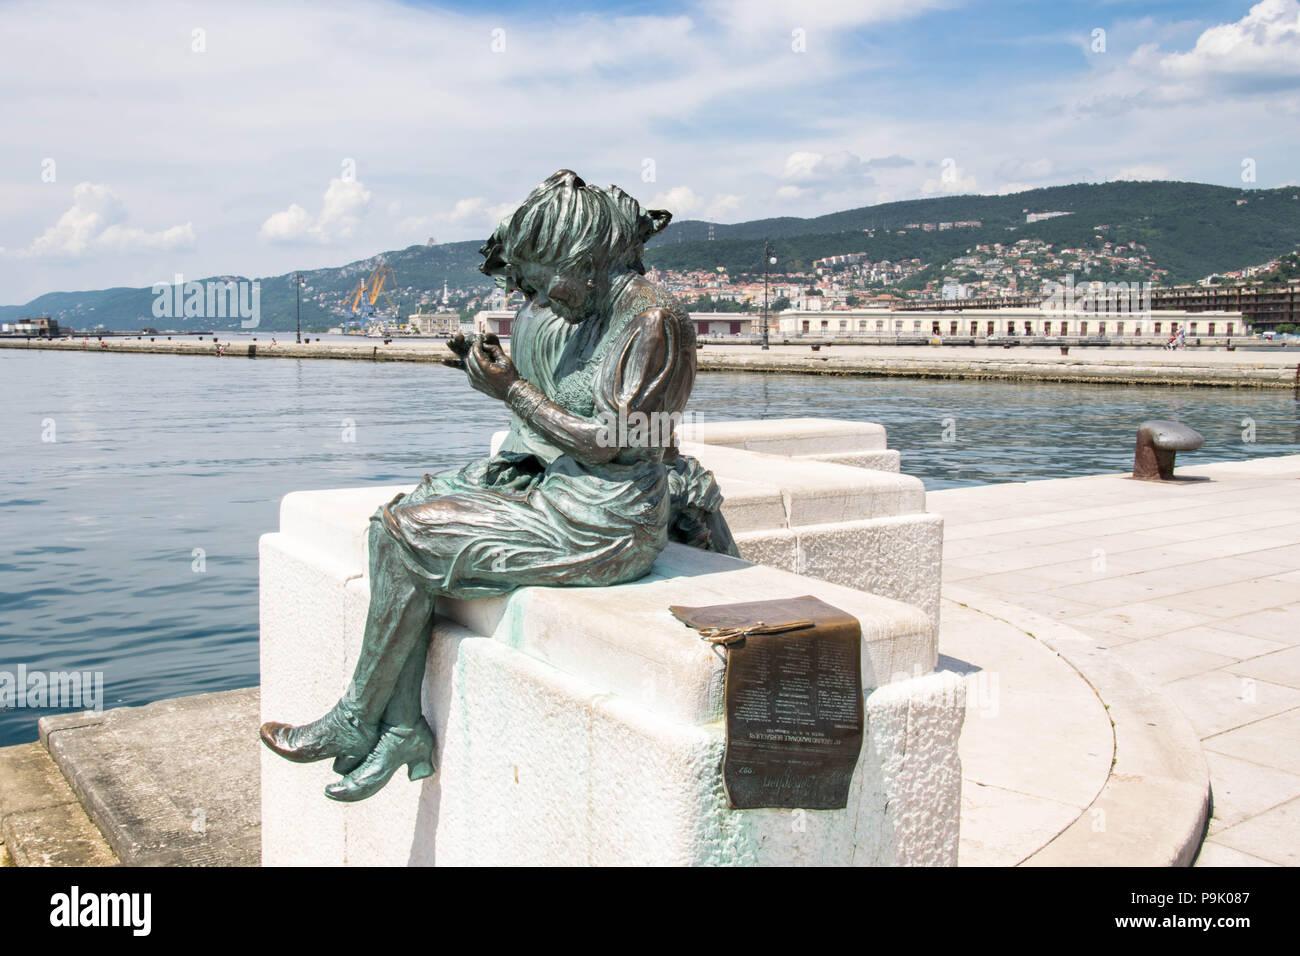 L'Europe, l'Italie, Trieste - une des figures de Scala Reale monument à Trieste, à proximité de la Molo Audace. Banque D'Images